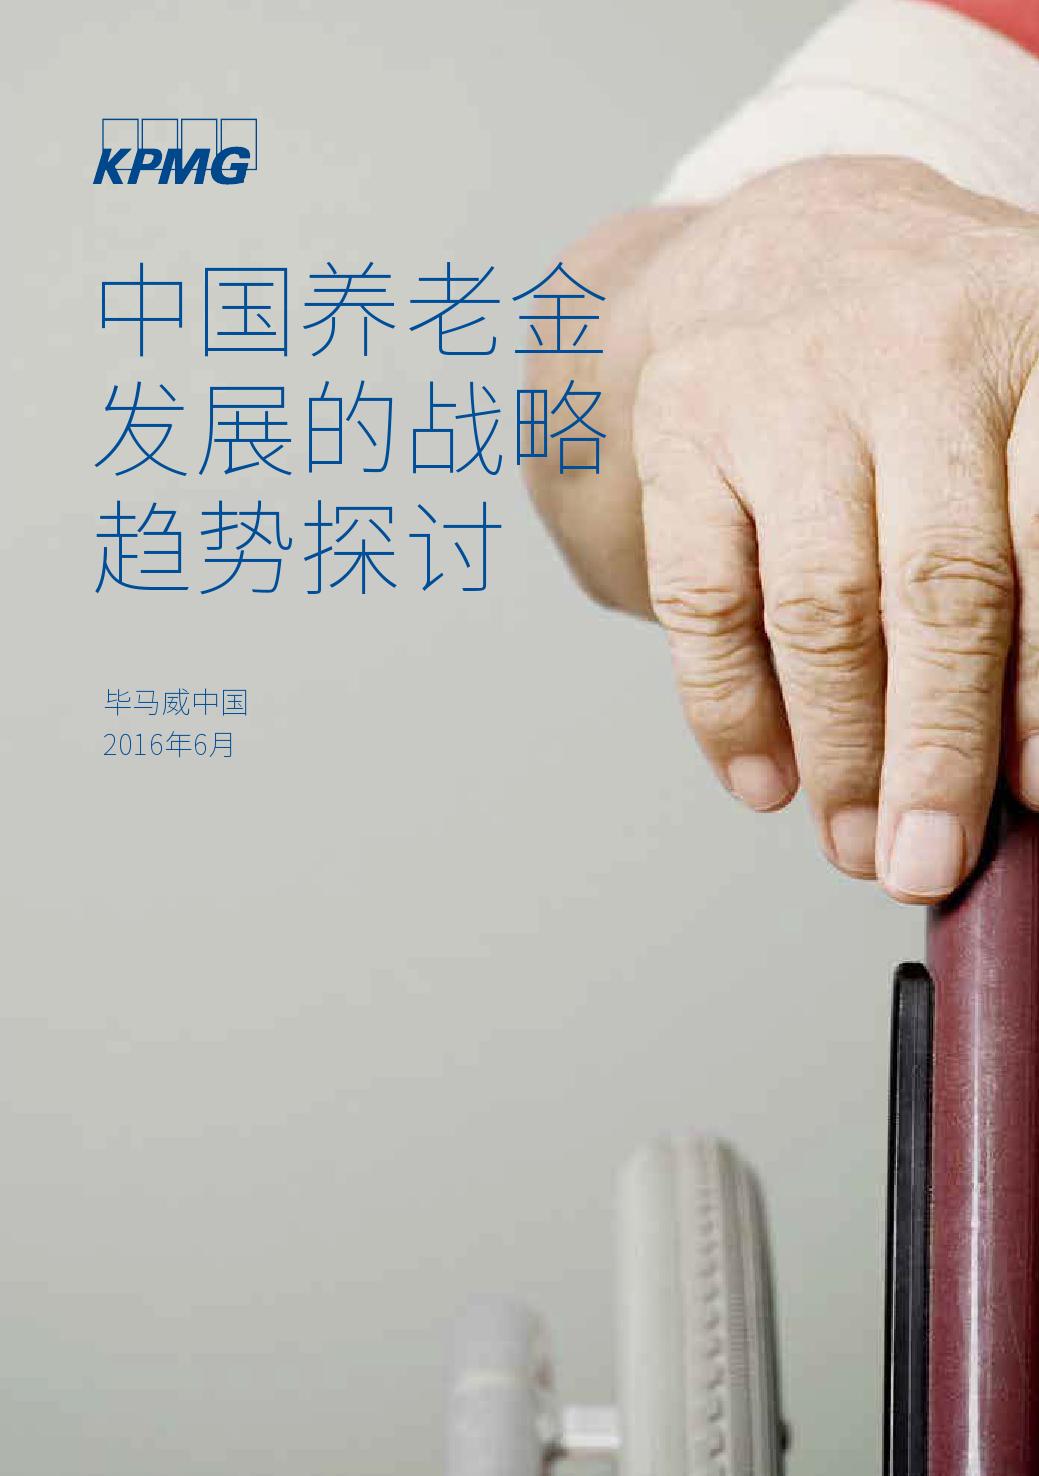 2016年中国养老金发展的战略趋势探讨_000001